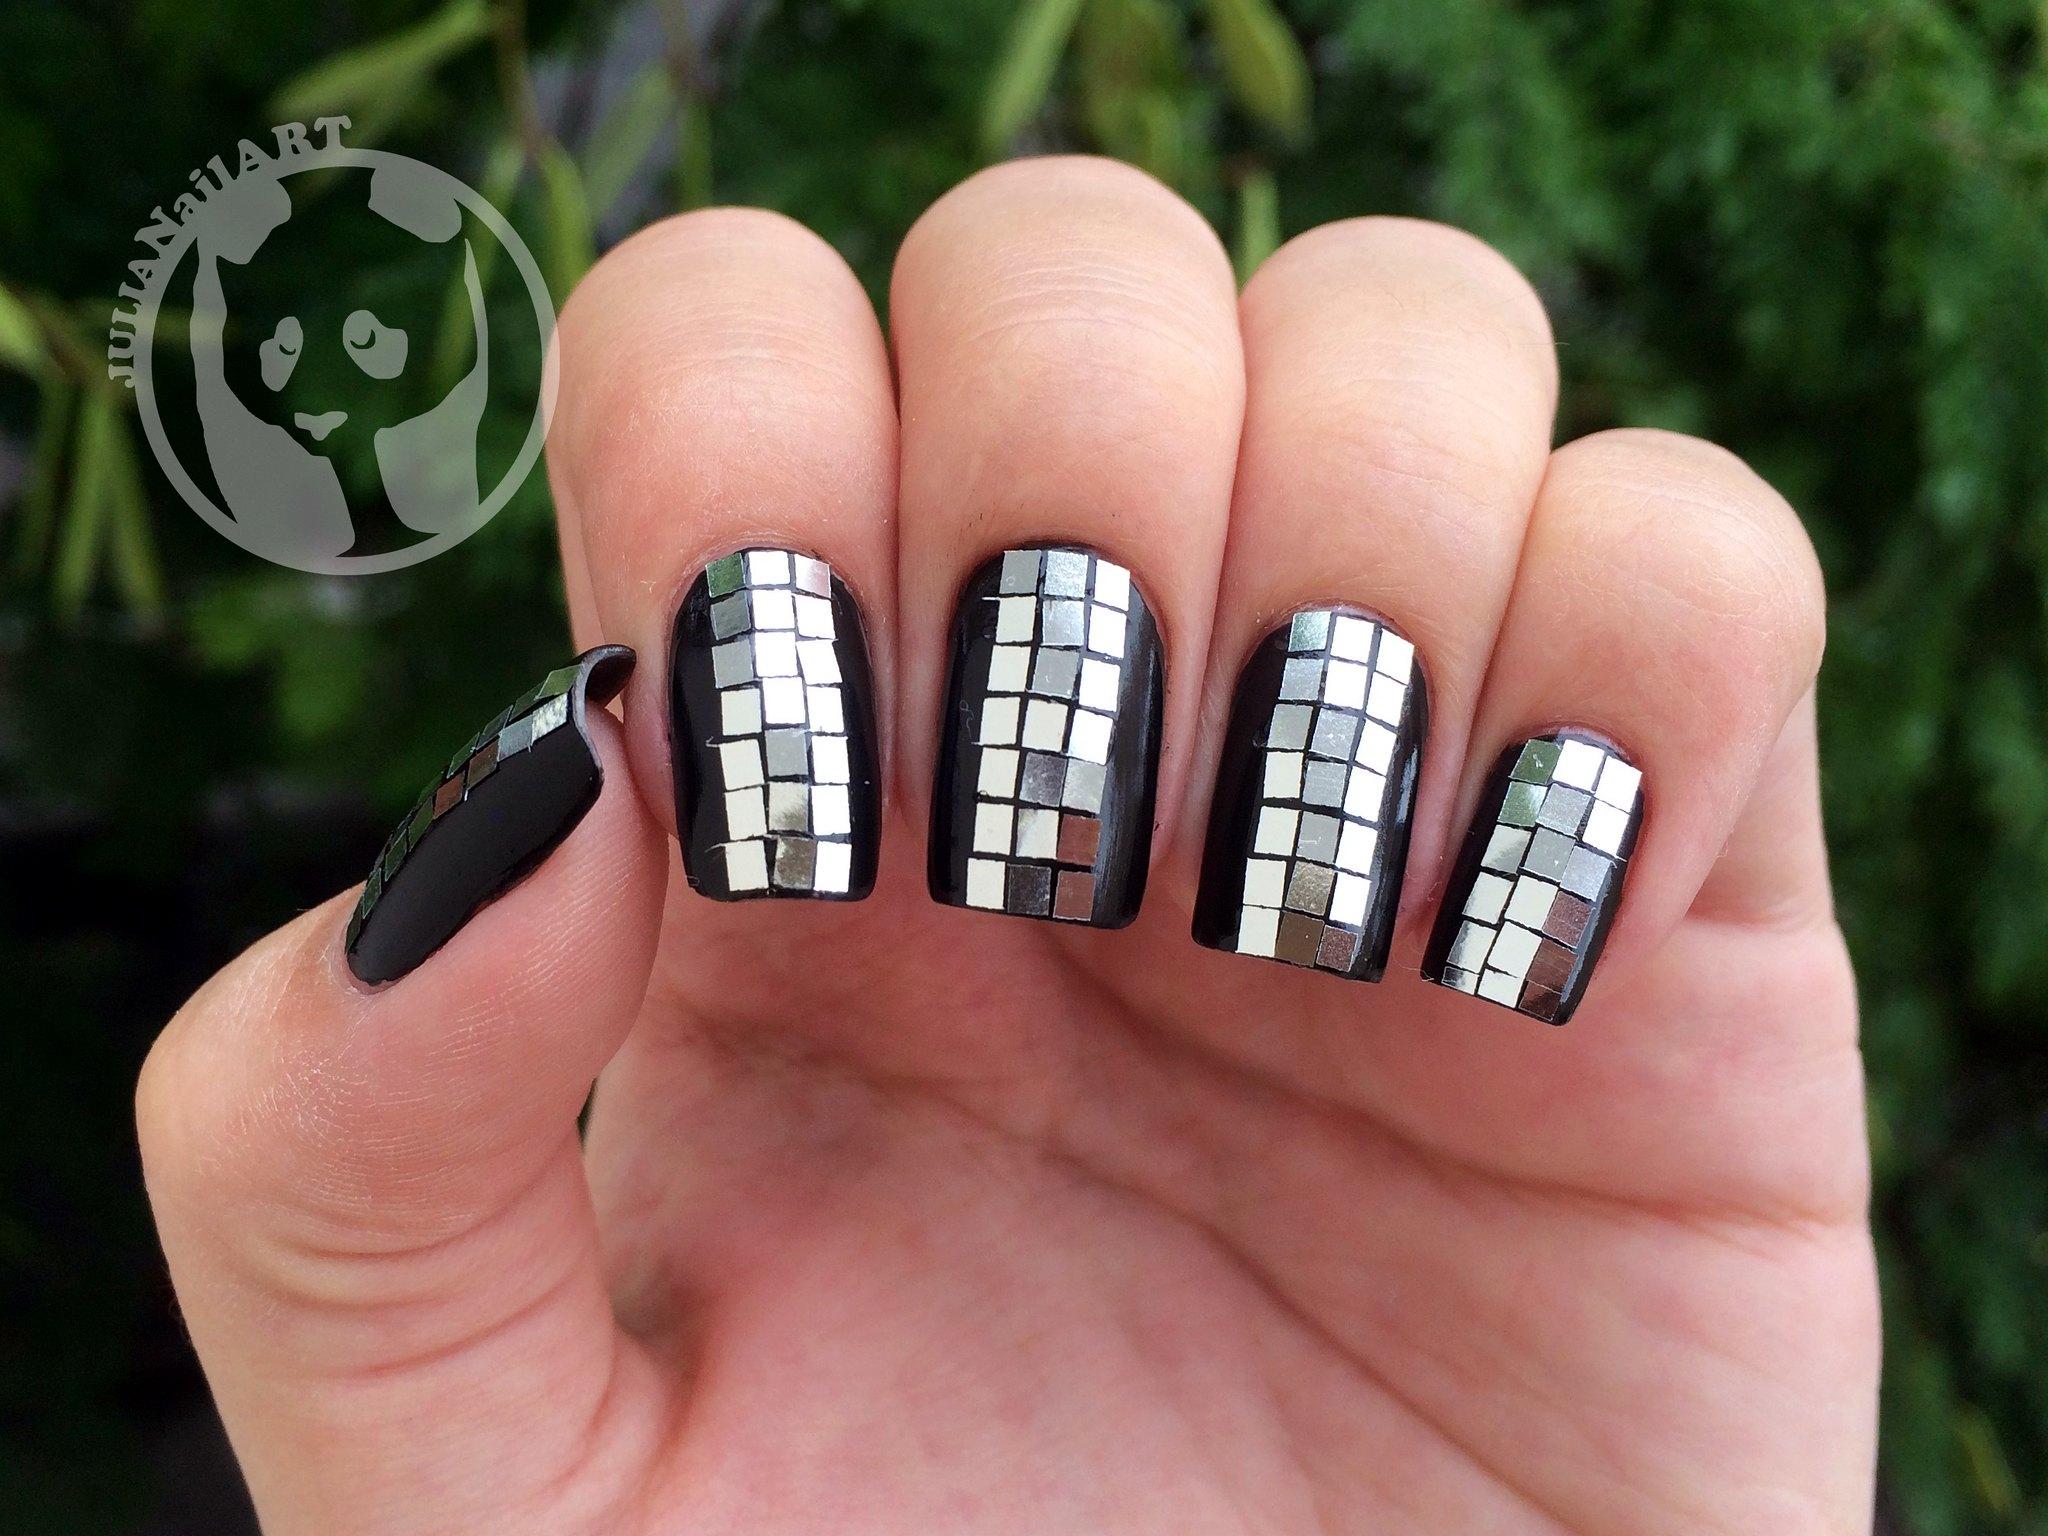 Disco Ball Bling Nails | Bling Nail Designs For Shining Shimmering Splendid Nails | bling nails | bling up nails